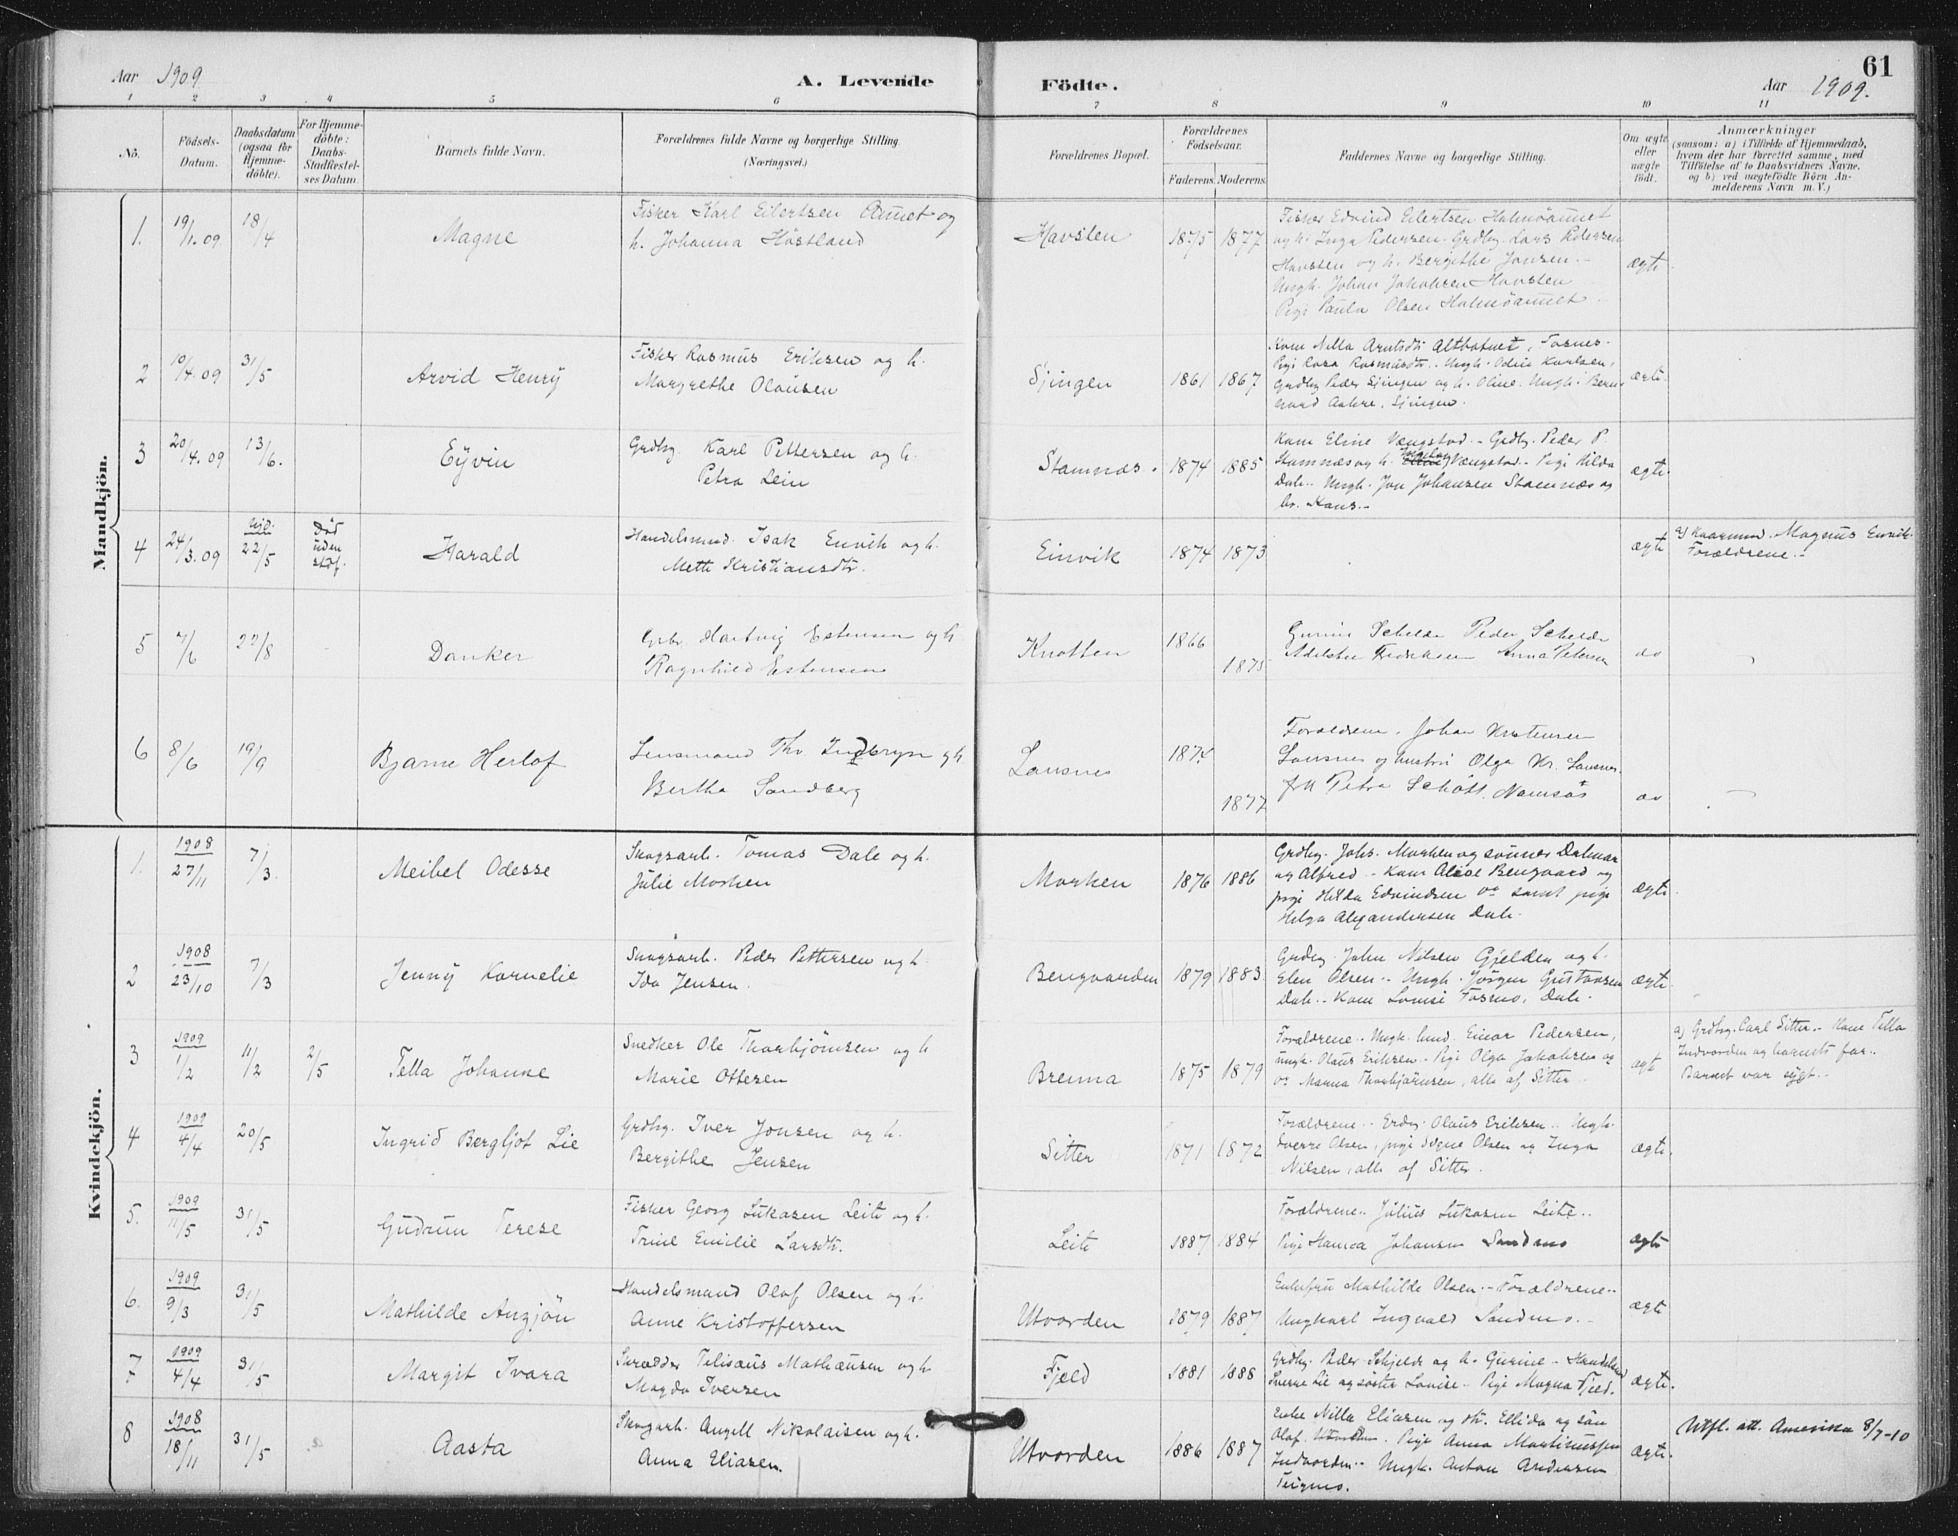 SAT, Ministerialprotokoller, klokkerbøker og fødselsregistre - Nord-Trøndelag, 772/L0603: Ministerialbok nr. 772A01, 1885-1912, s. 61